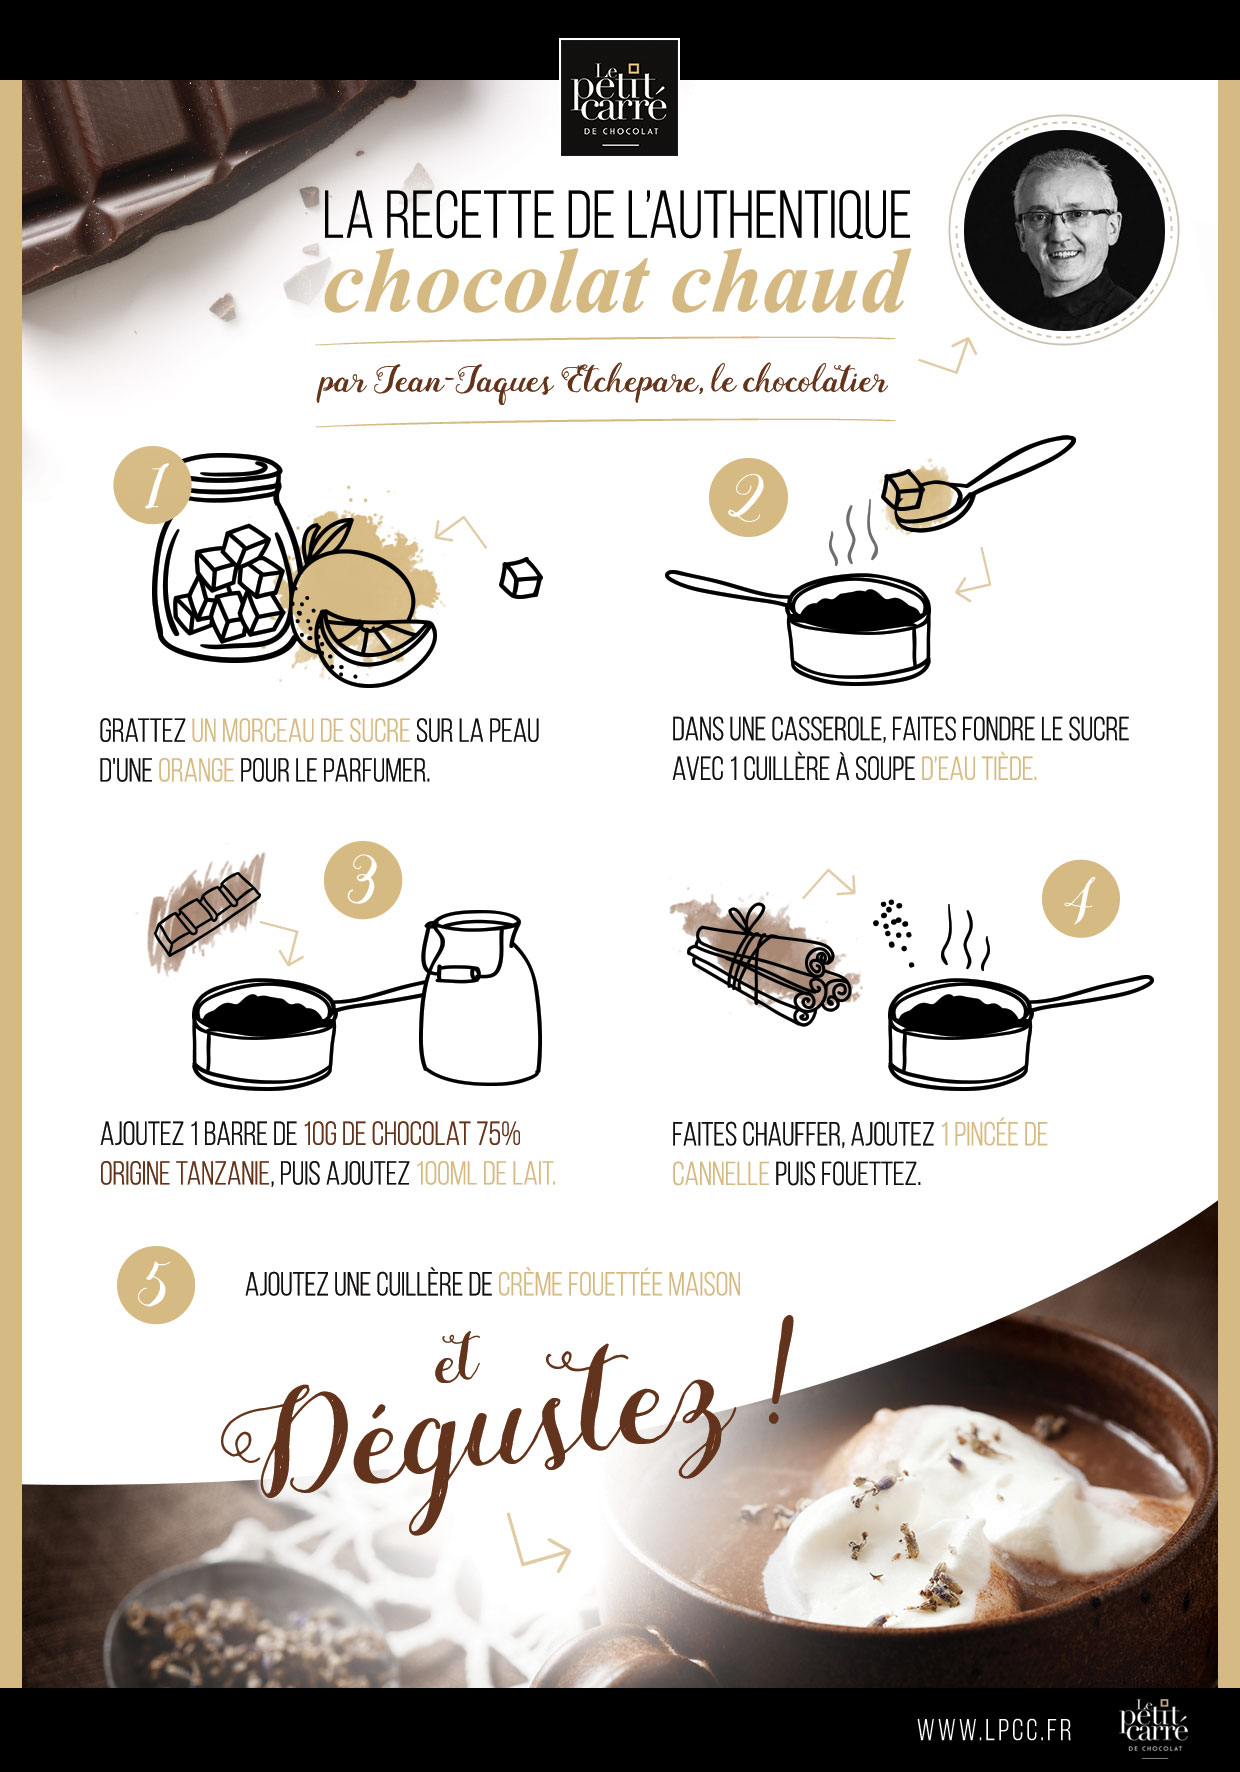 Recette de chocolat chaud de Jean-Jacques